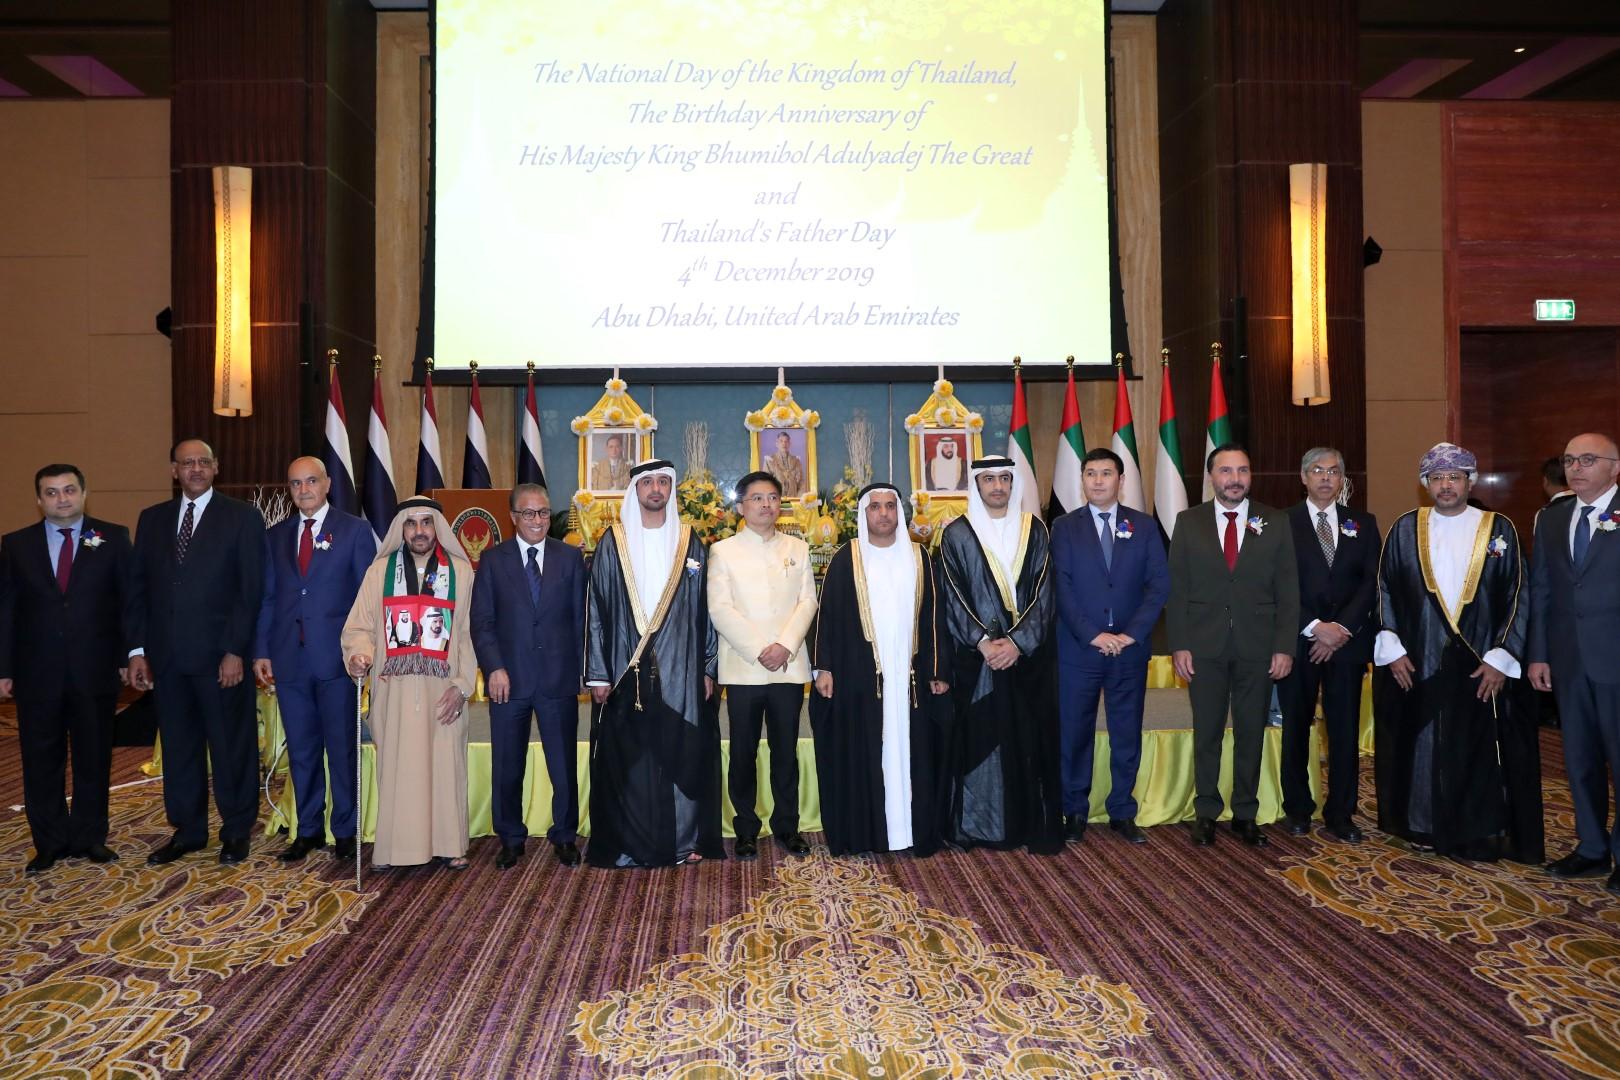 وكالة أنباء الإمارات مساعد وزير الخارجية لشؤون المنظمات الدولية يحضر حفل السفارة التايلندية